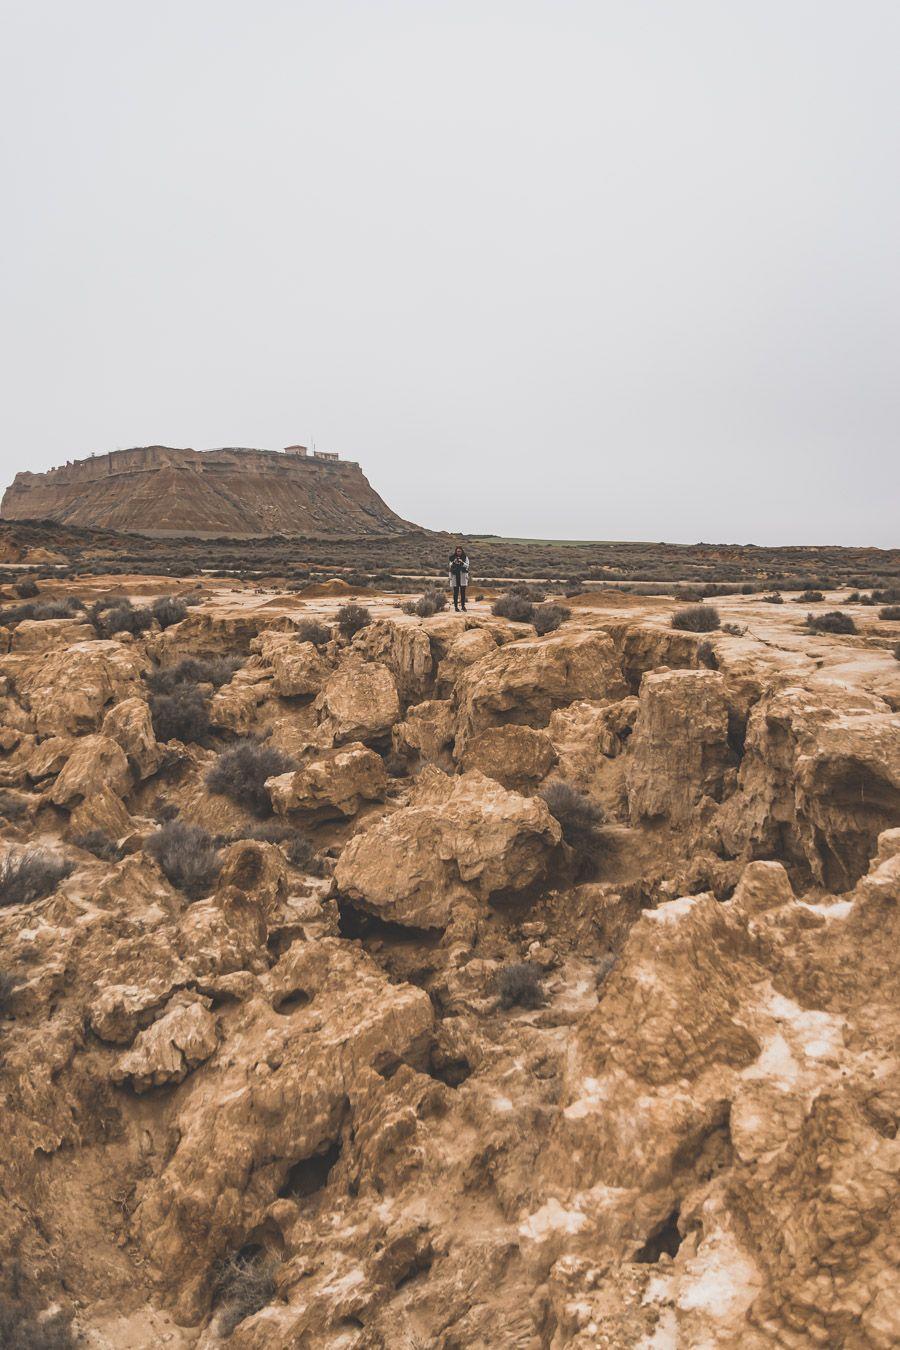 tout petit face à l'immensité du désert